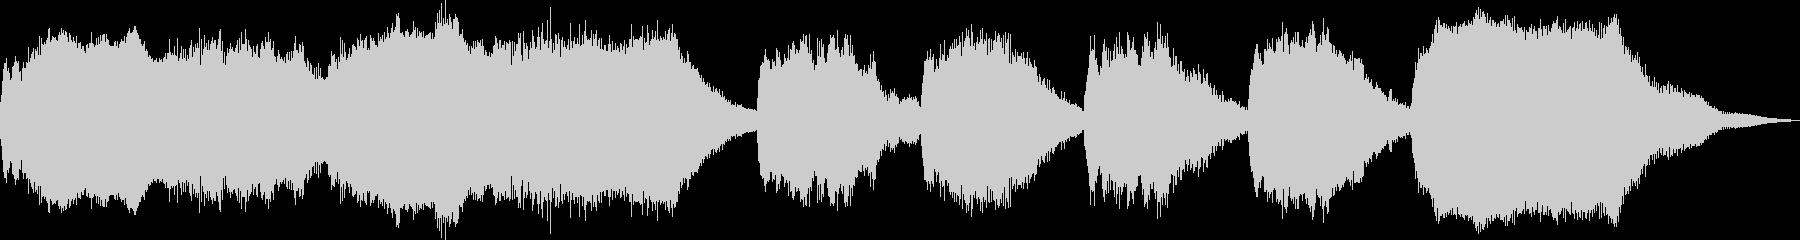 パイプオルガン系30秒ジングルの未再生の波形